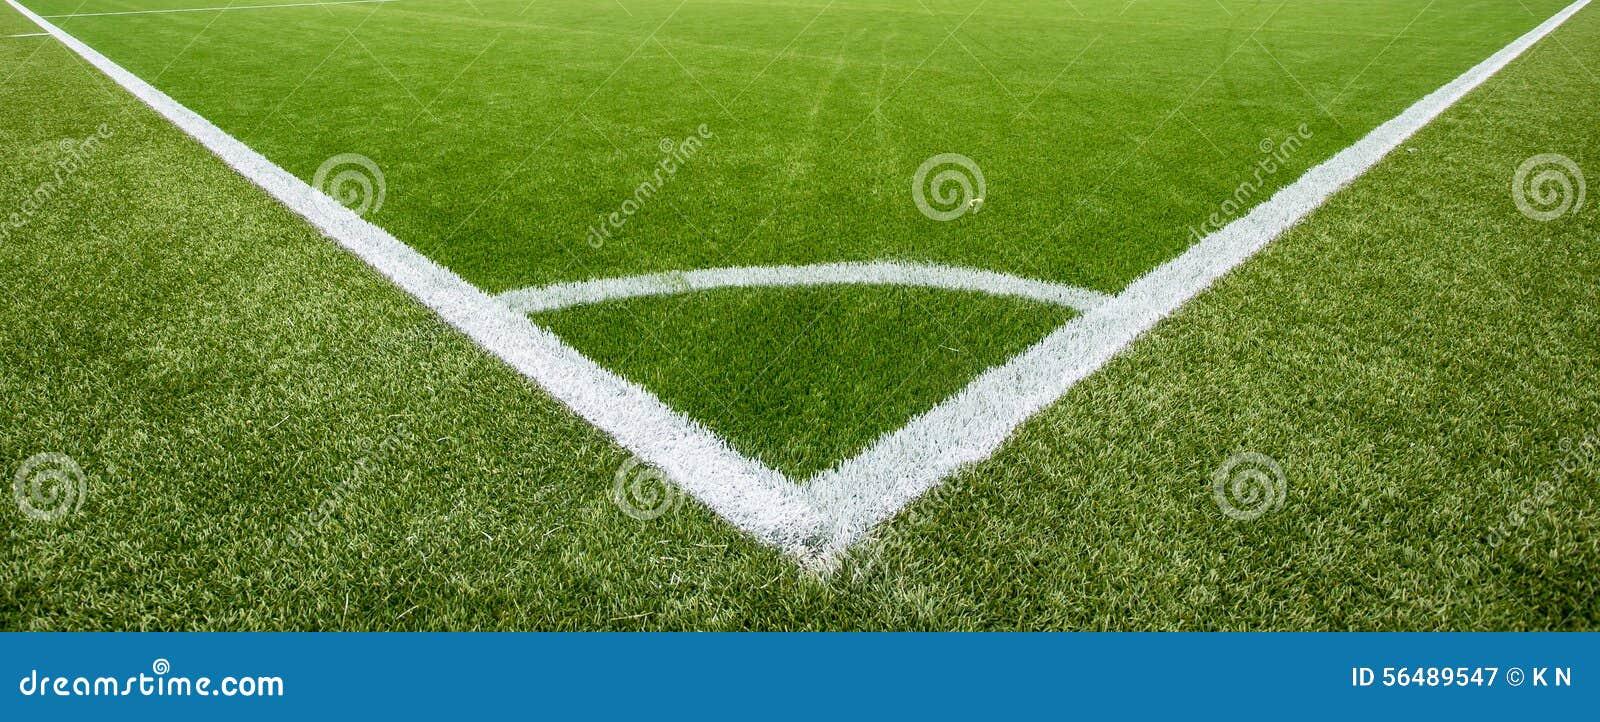 Ligne de craie faisante le coin sur le terrain de football artificiel de gazon